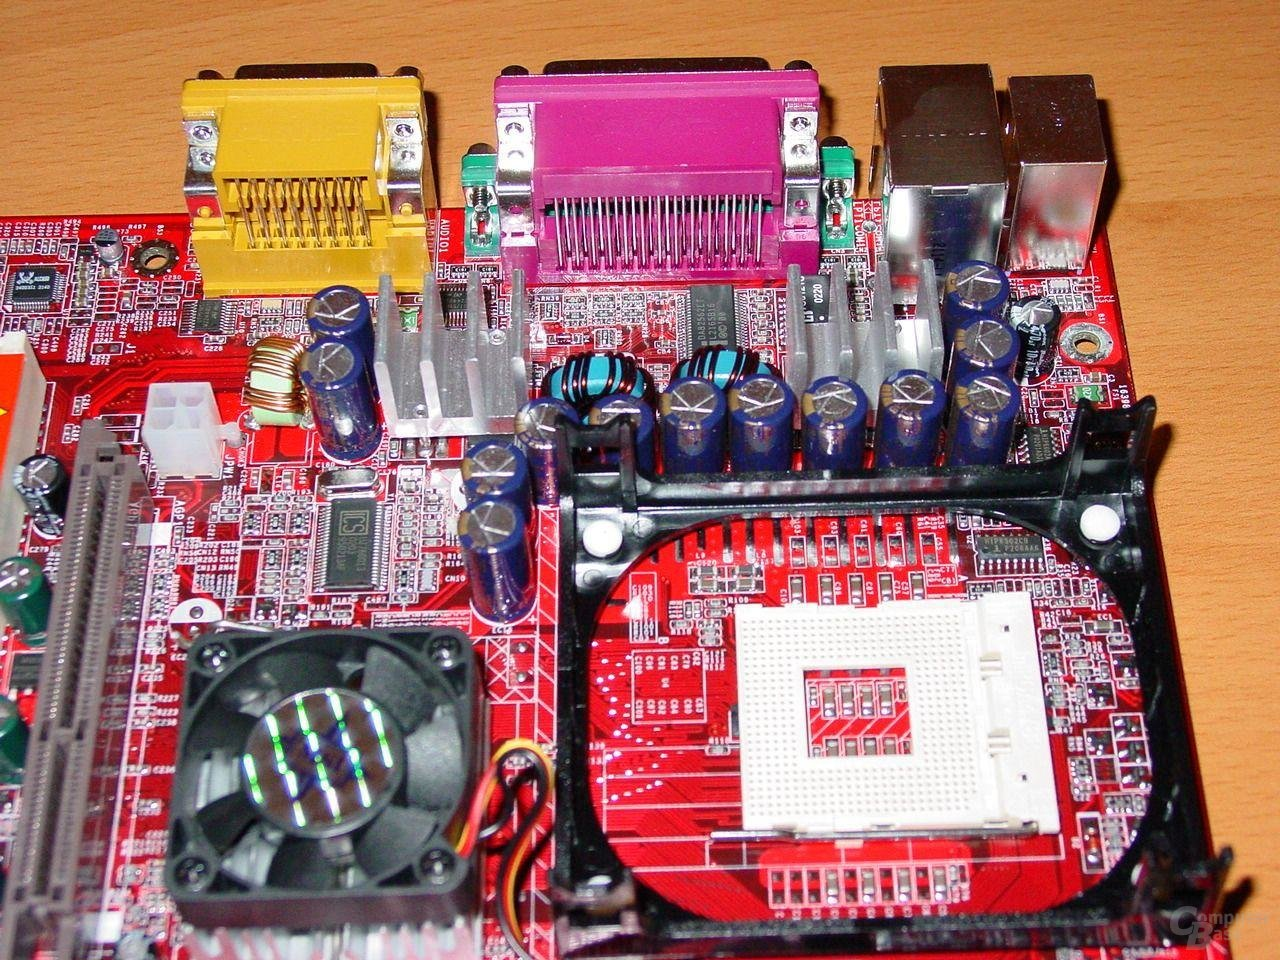 MSI Max2-BLR - Sockel und Lüfter